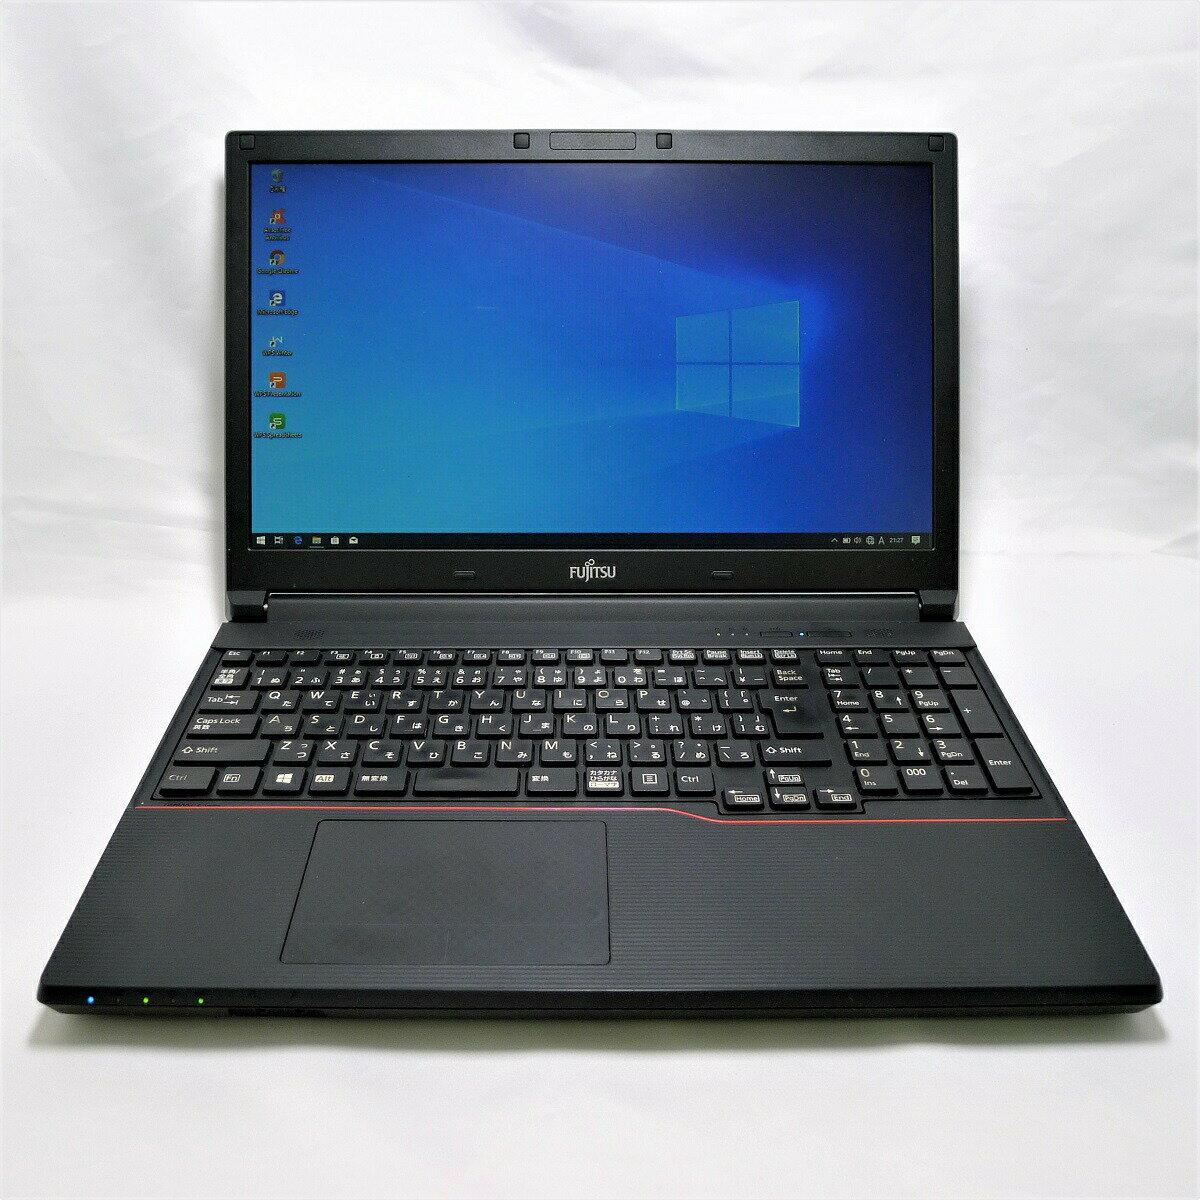 パソコン, ノートPC FUJITSU Notebook LIFEBOOK A744 Core i3 4GB HDD320GB DVD-ROM LAN Windows10 64bitWPS Office 15.6